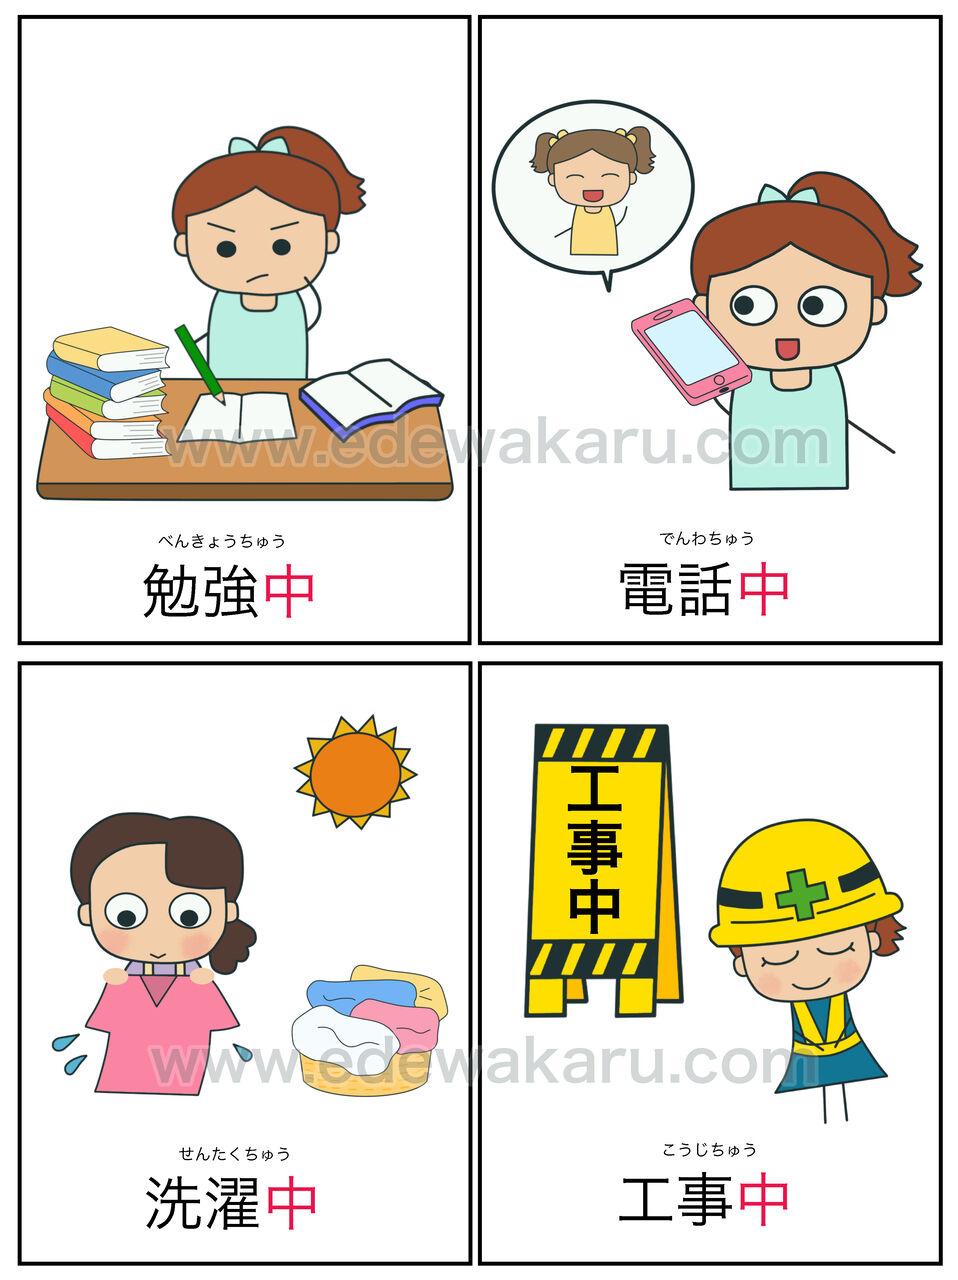 中(ちゅう)|日本語能力試験 : 絵でわかる日本語